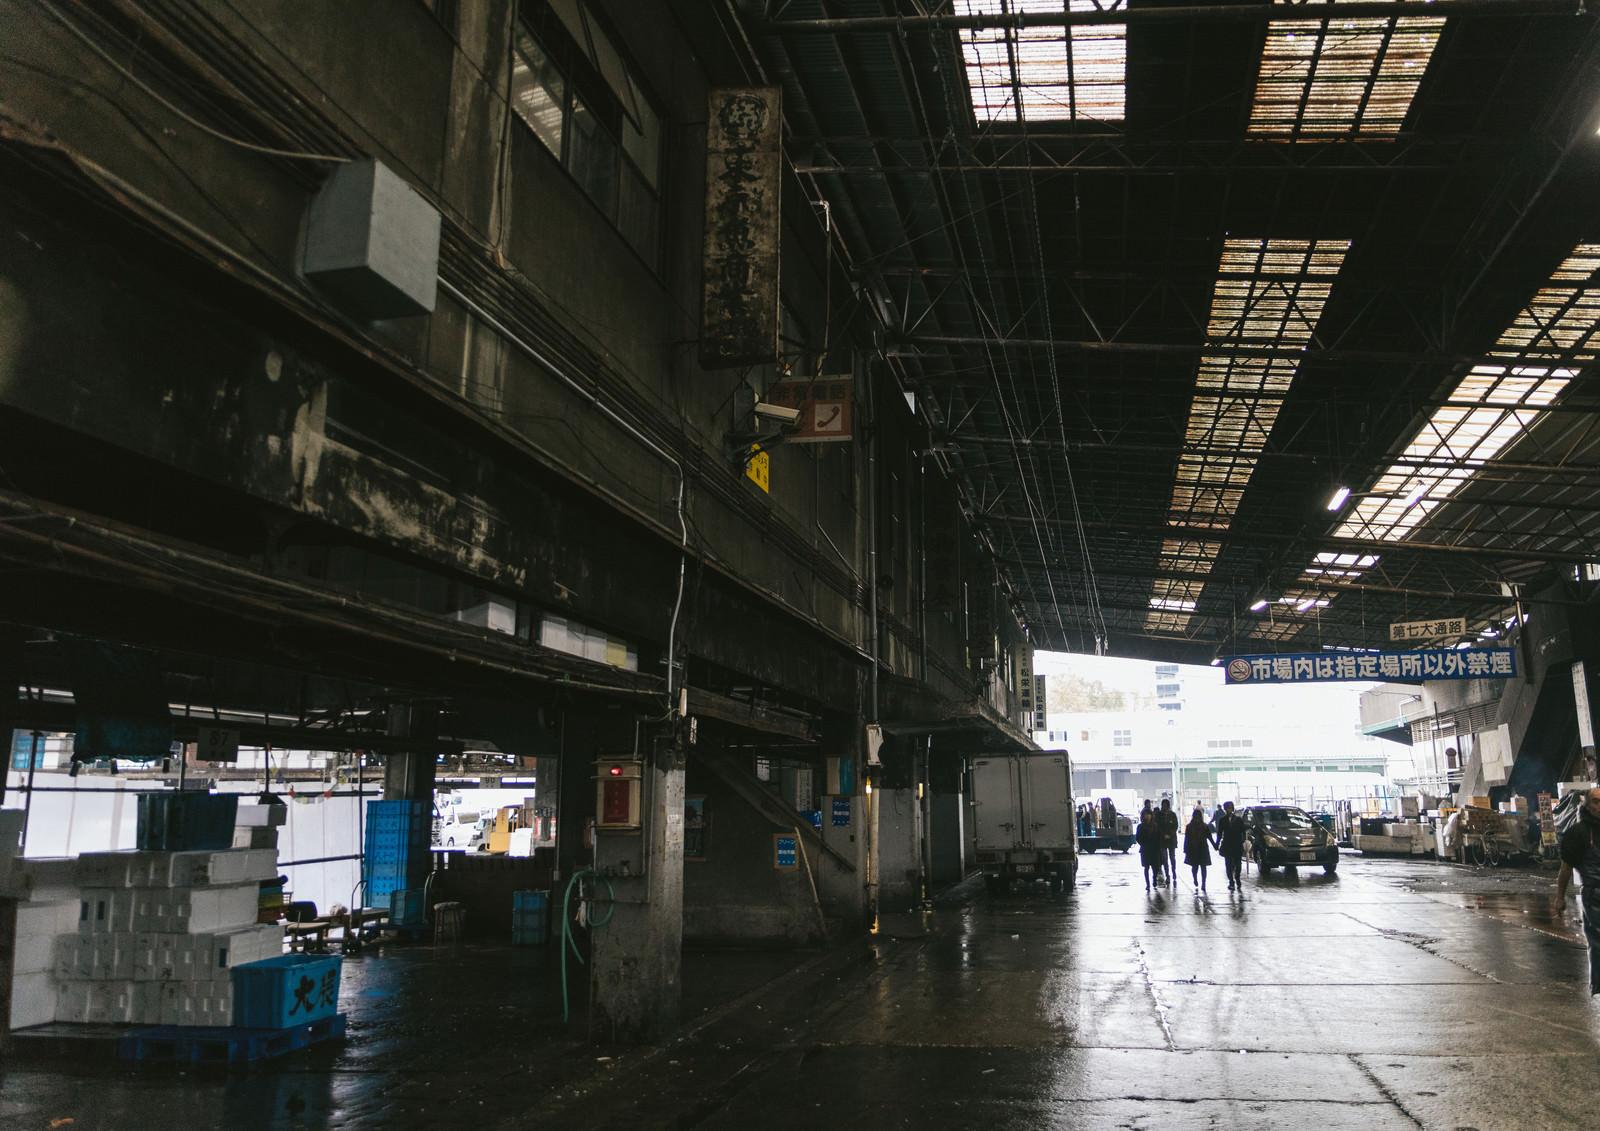 「施設の老朽化が進む築地市場内」の写真